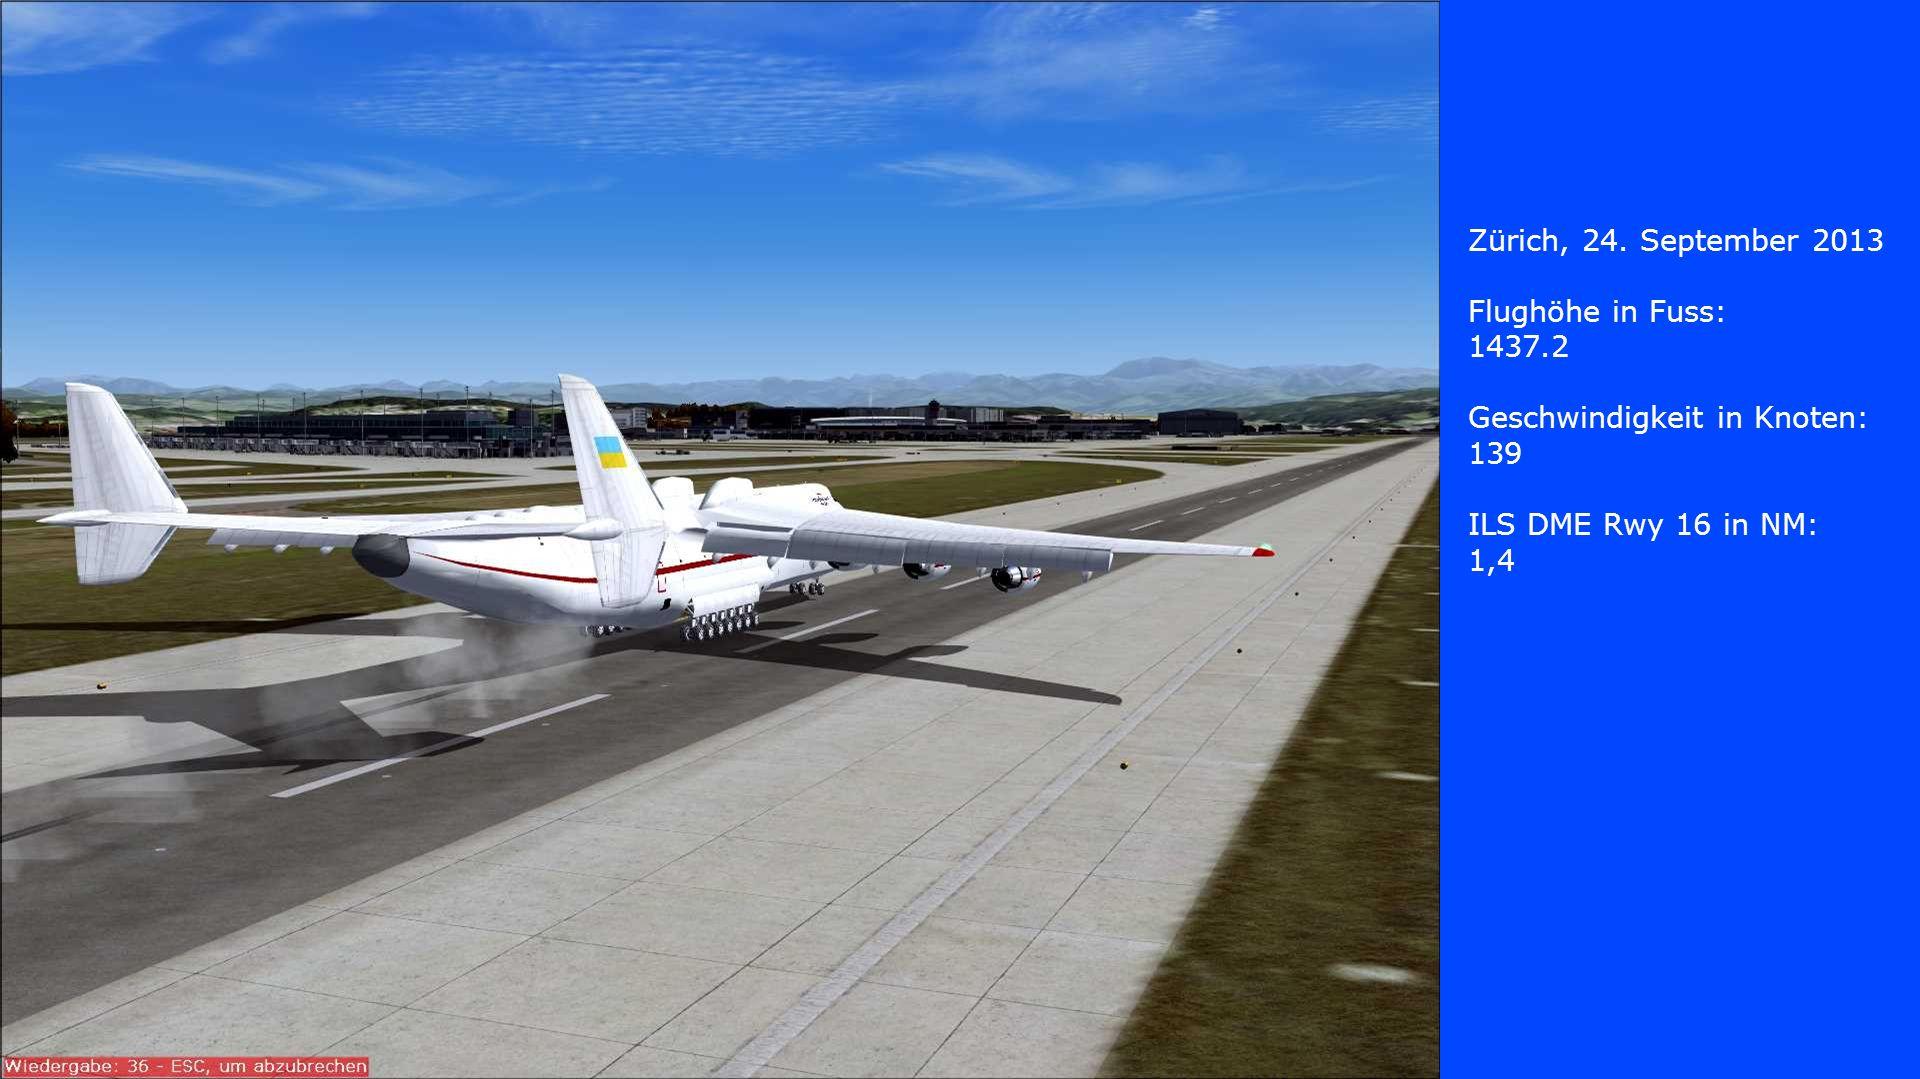 Zürich, 24. September 2013 Flughöhe in Fuss: 1437.2 Geschwindigkeit in Knoten: 139 ILS DME Rwy 16 in NM: 1,4